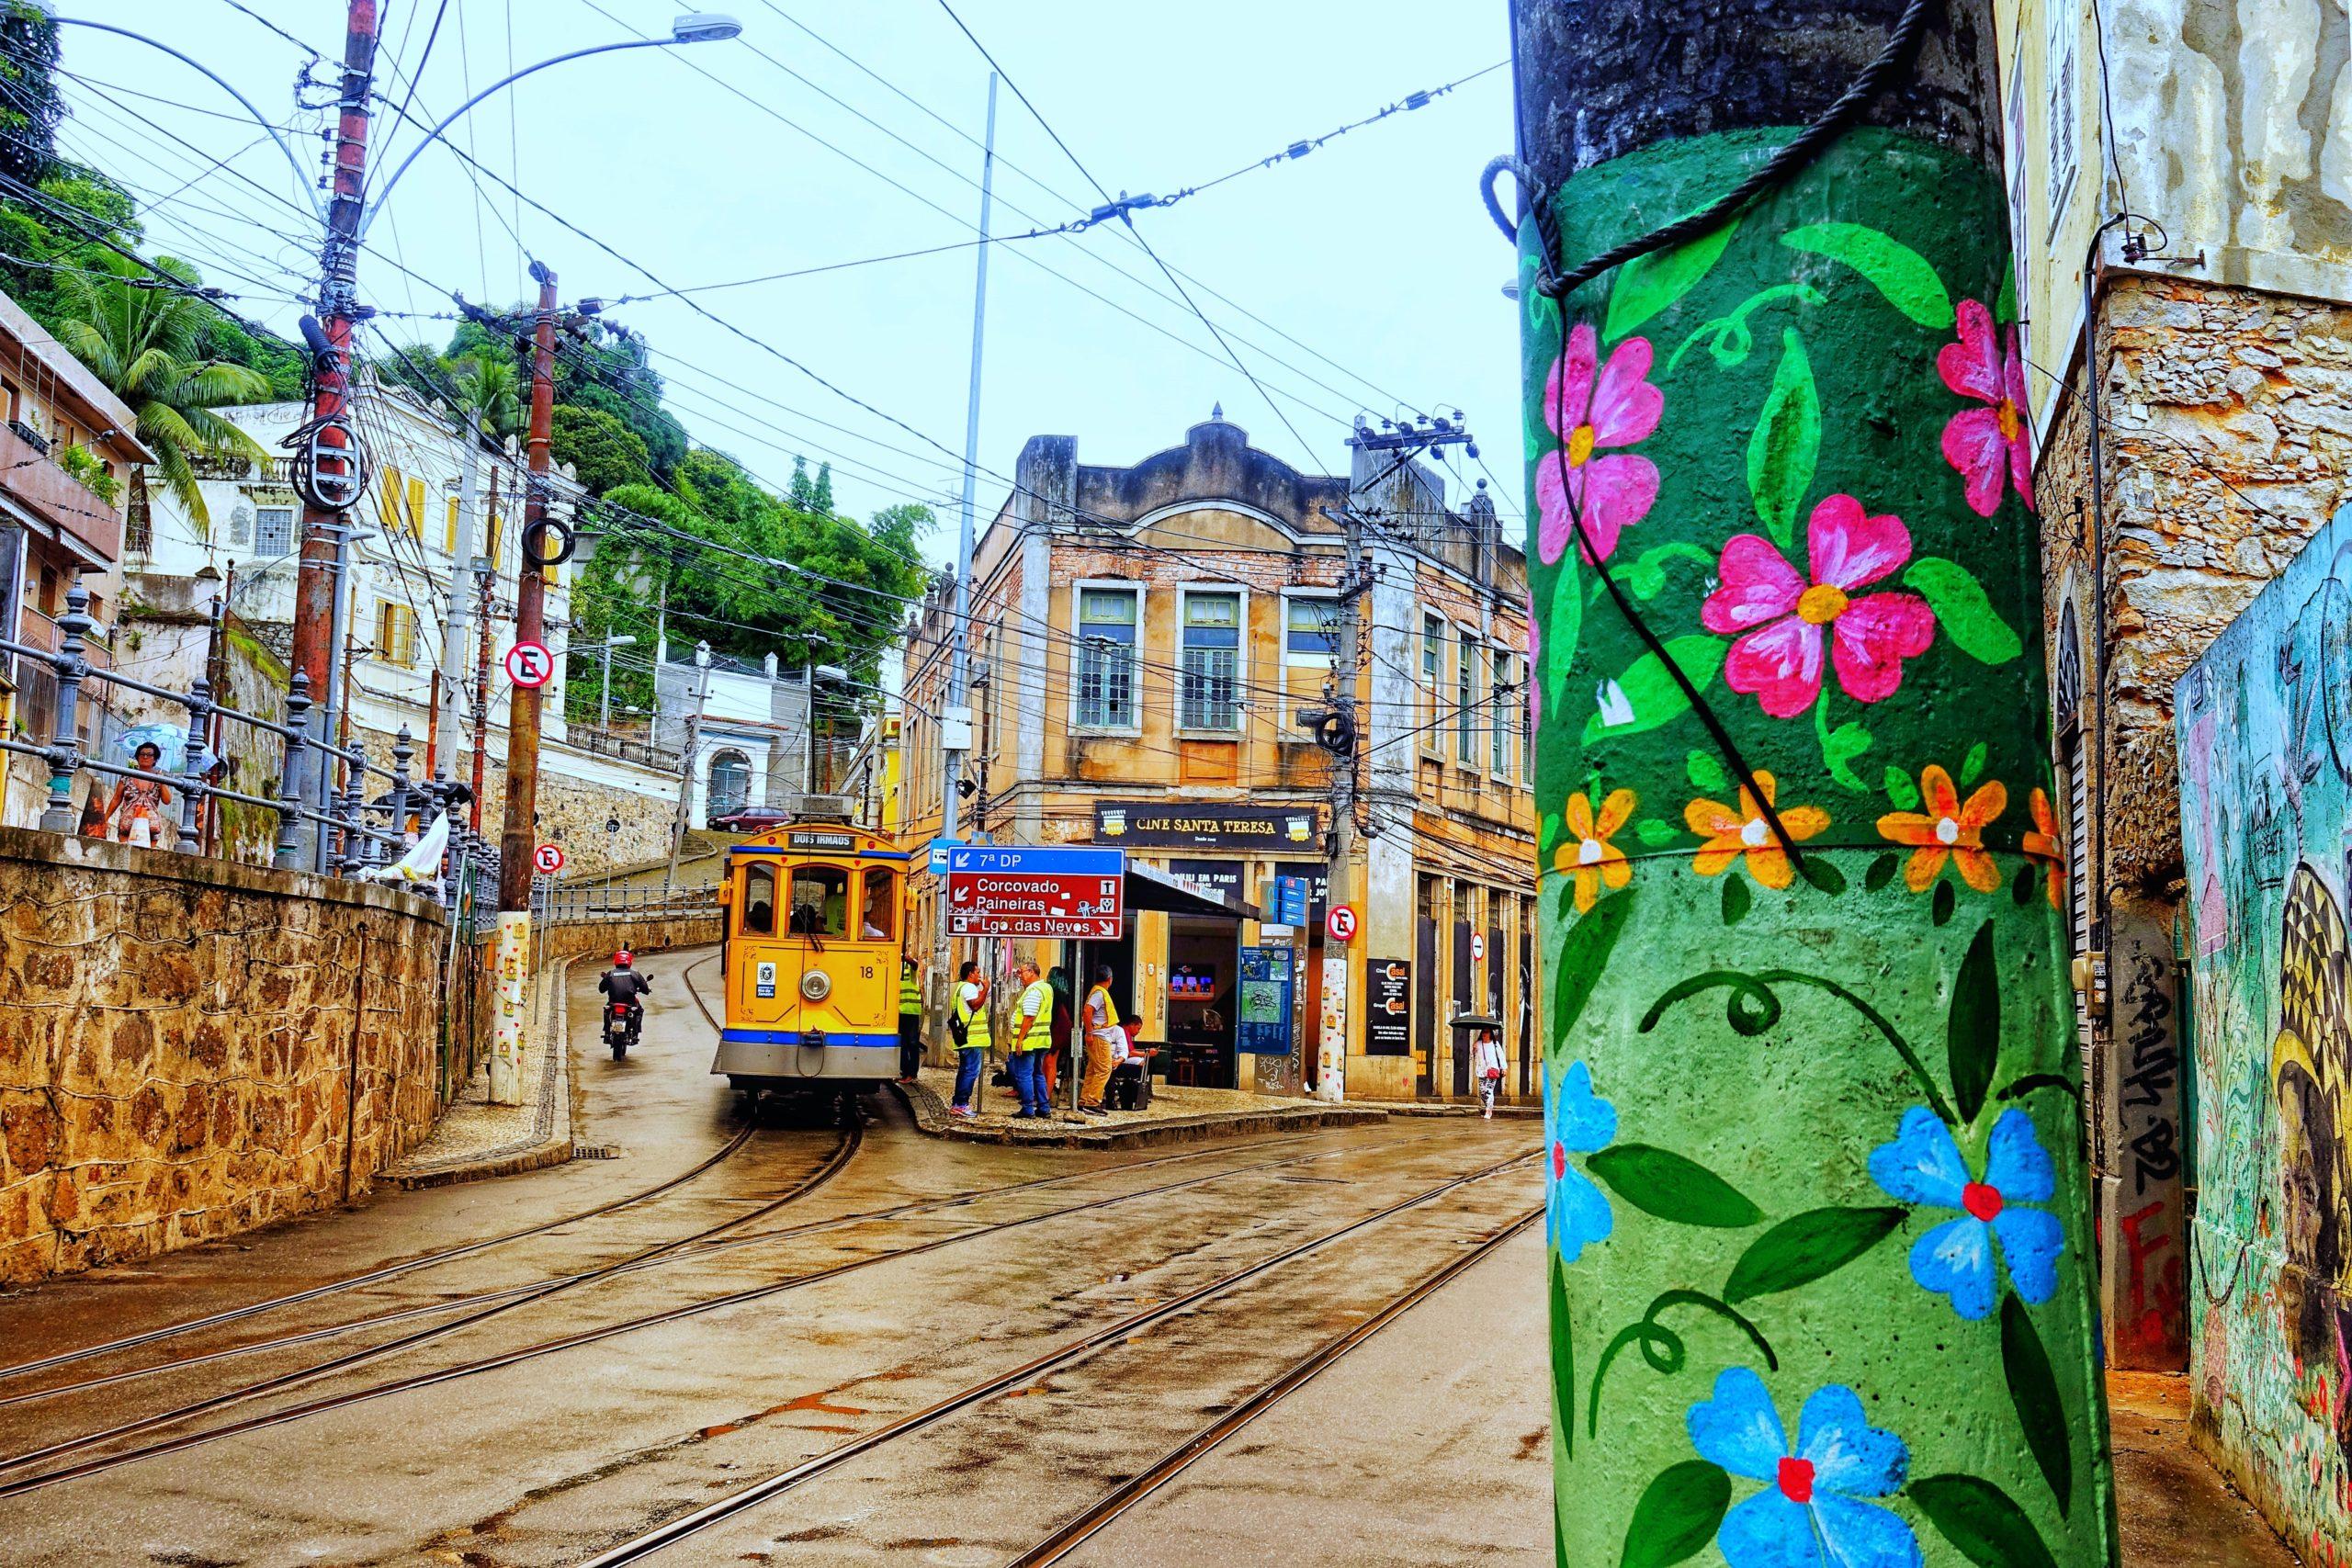 Die gelbe Santa Teresa Tram ist eine Sehenswürdigkeit in Rio de Janeiro und auch ein Geheimtipp